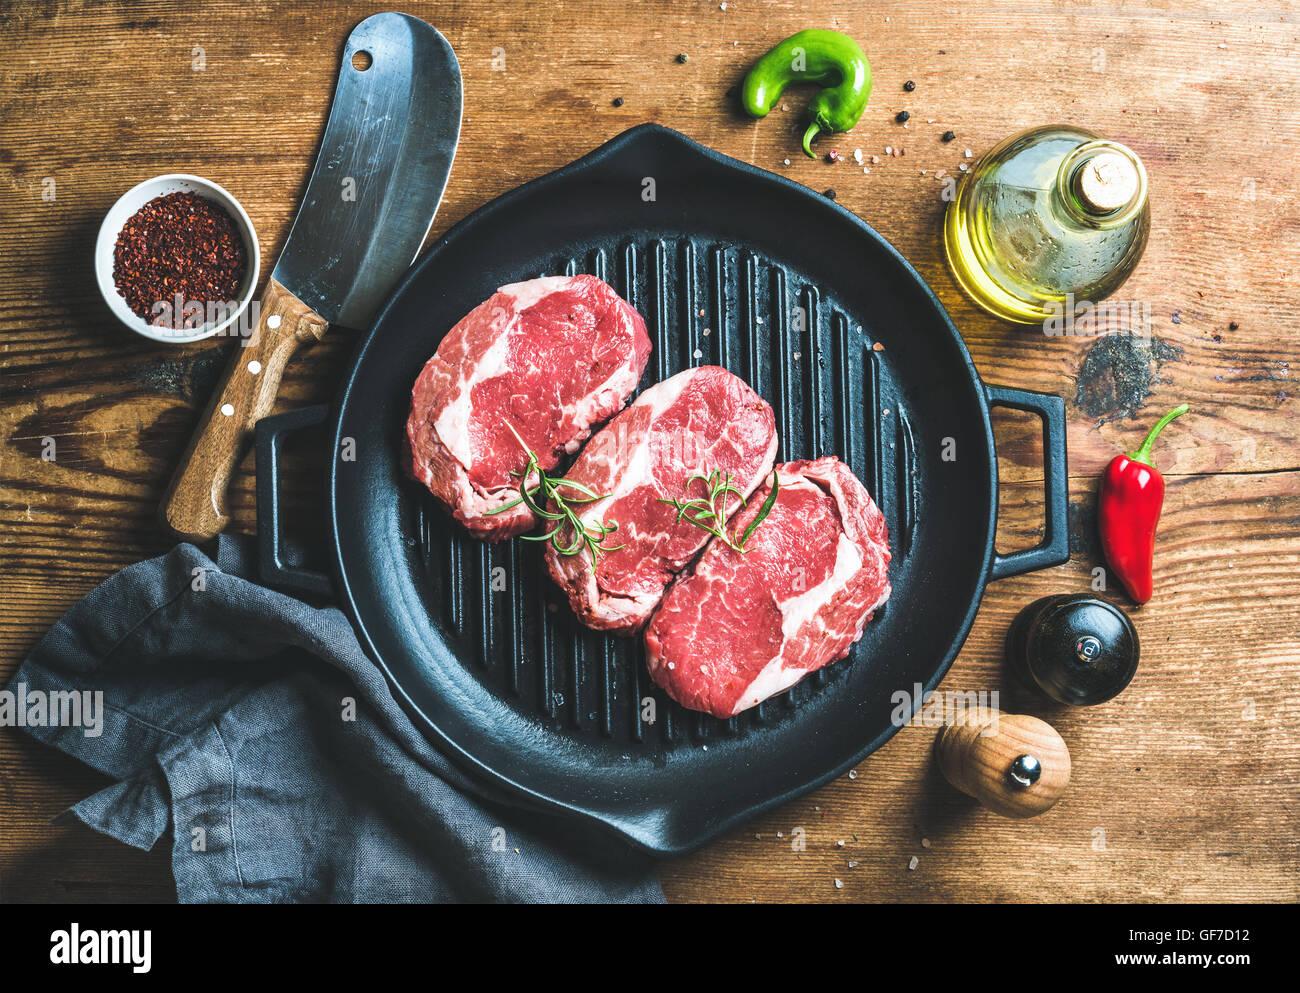 Ingredients for cooking Rib eye roast beef steak - Stock Image